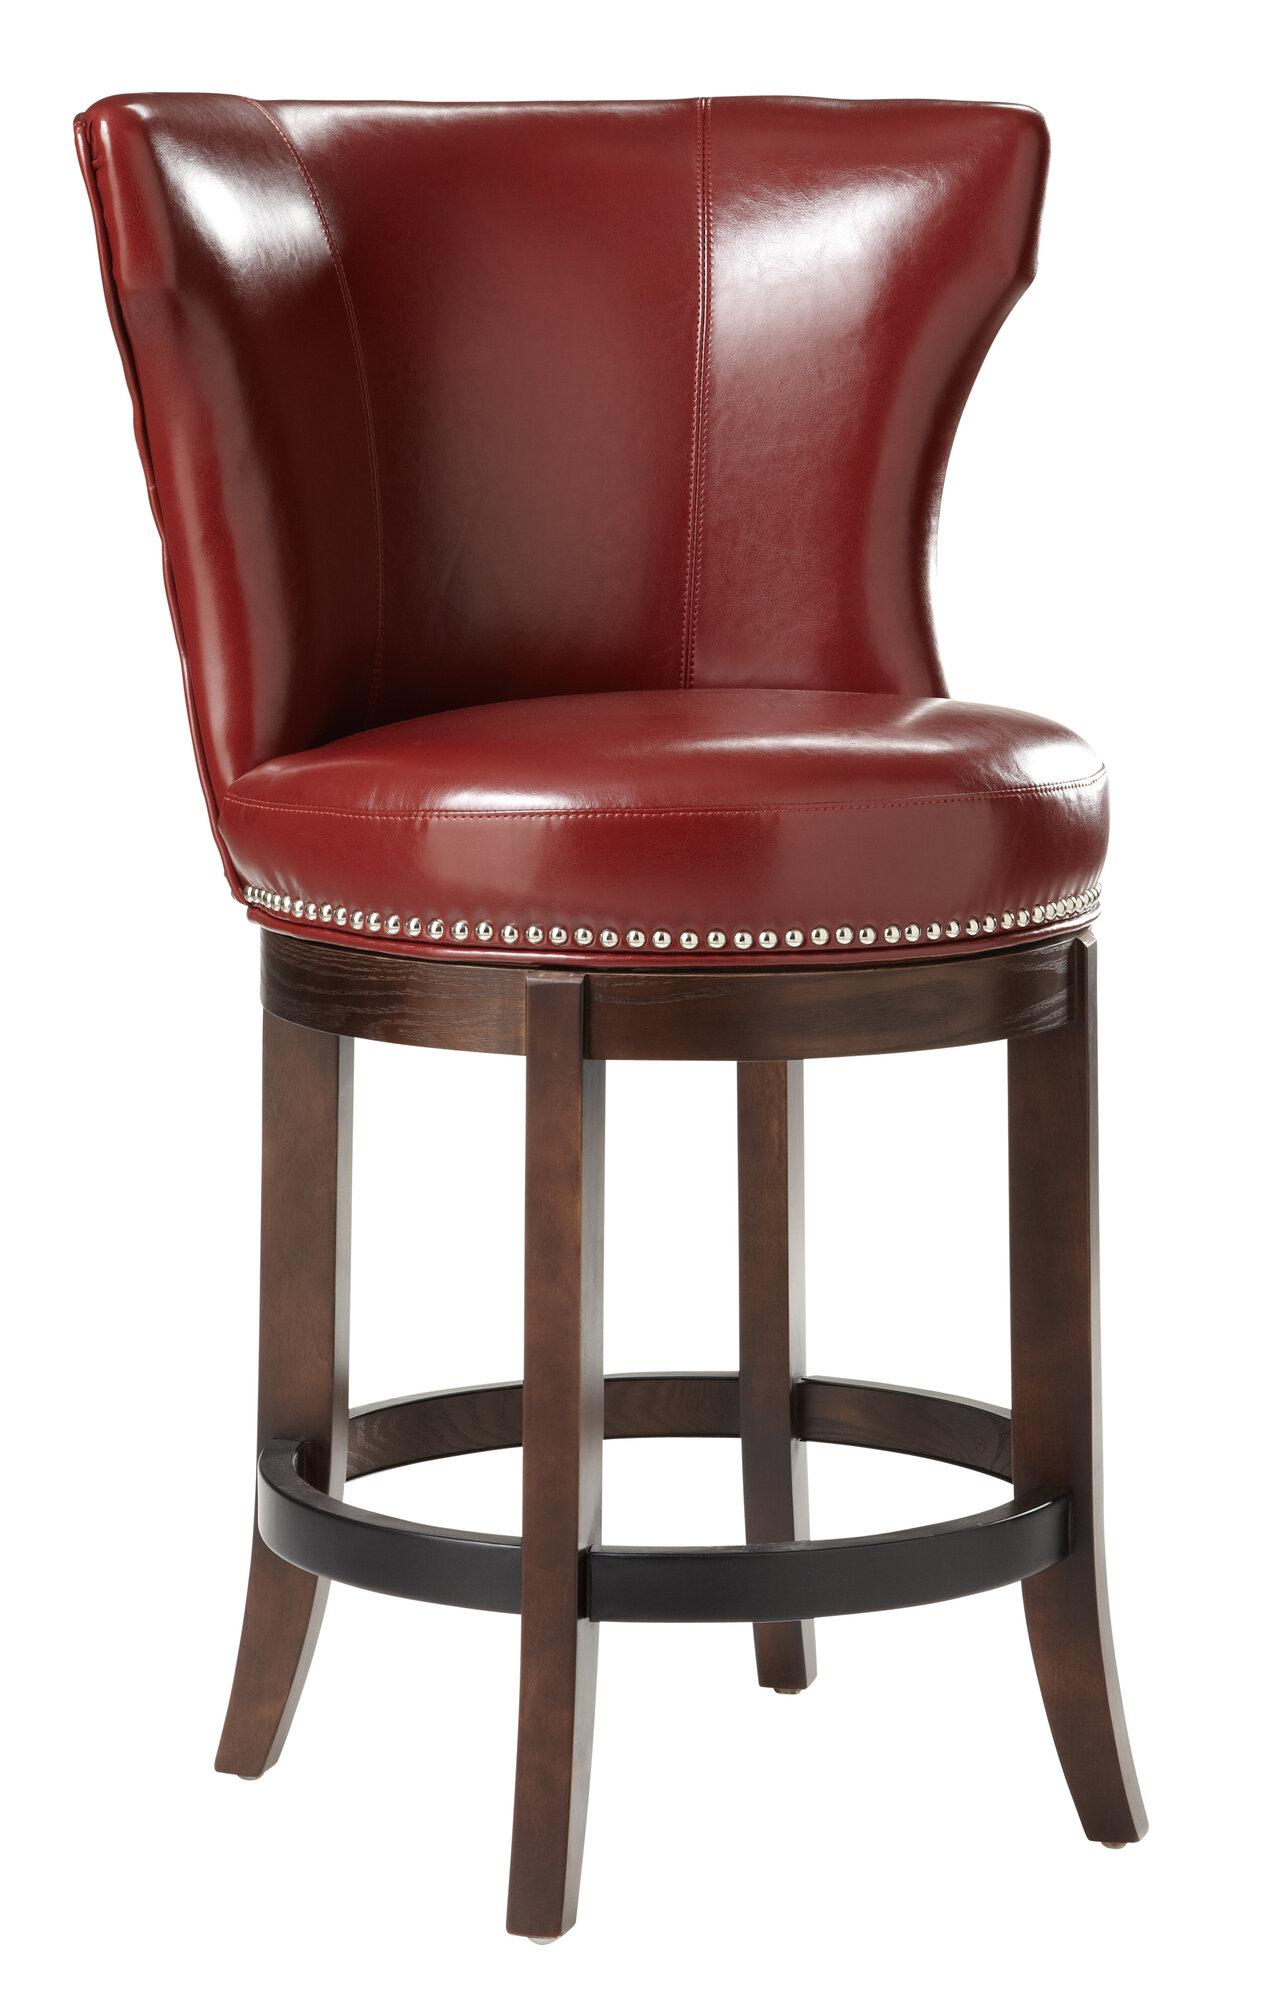 Sunpan Modern Tavern 26 Quot Swivel Bar Stool With Cushion Ebay